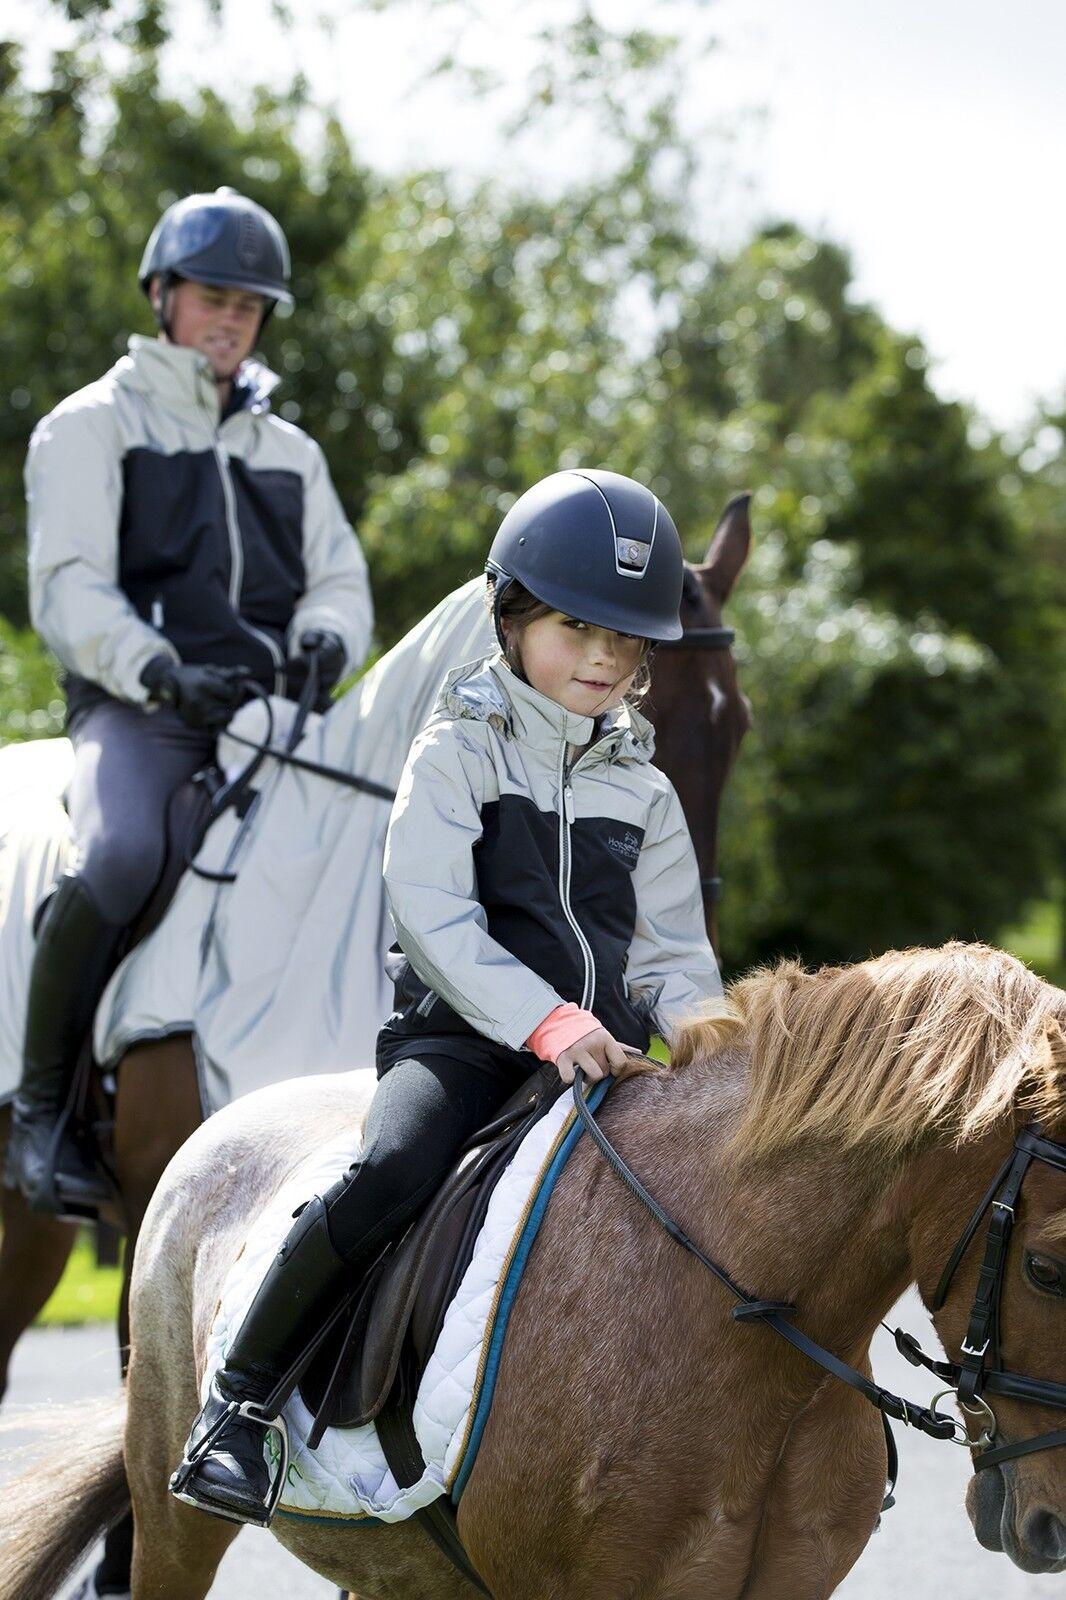 cavalloware Bambini Riflettente Alta Vis Corrib Giacca GrigioNero 3 12 anni